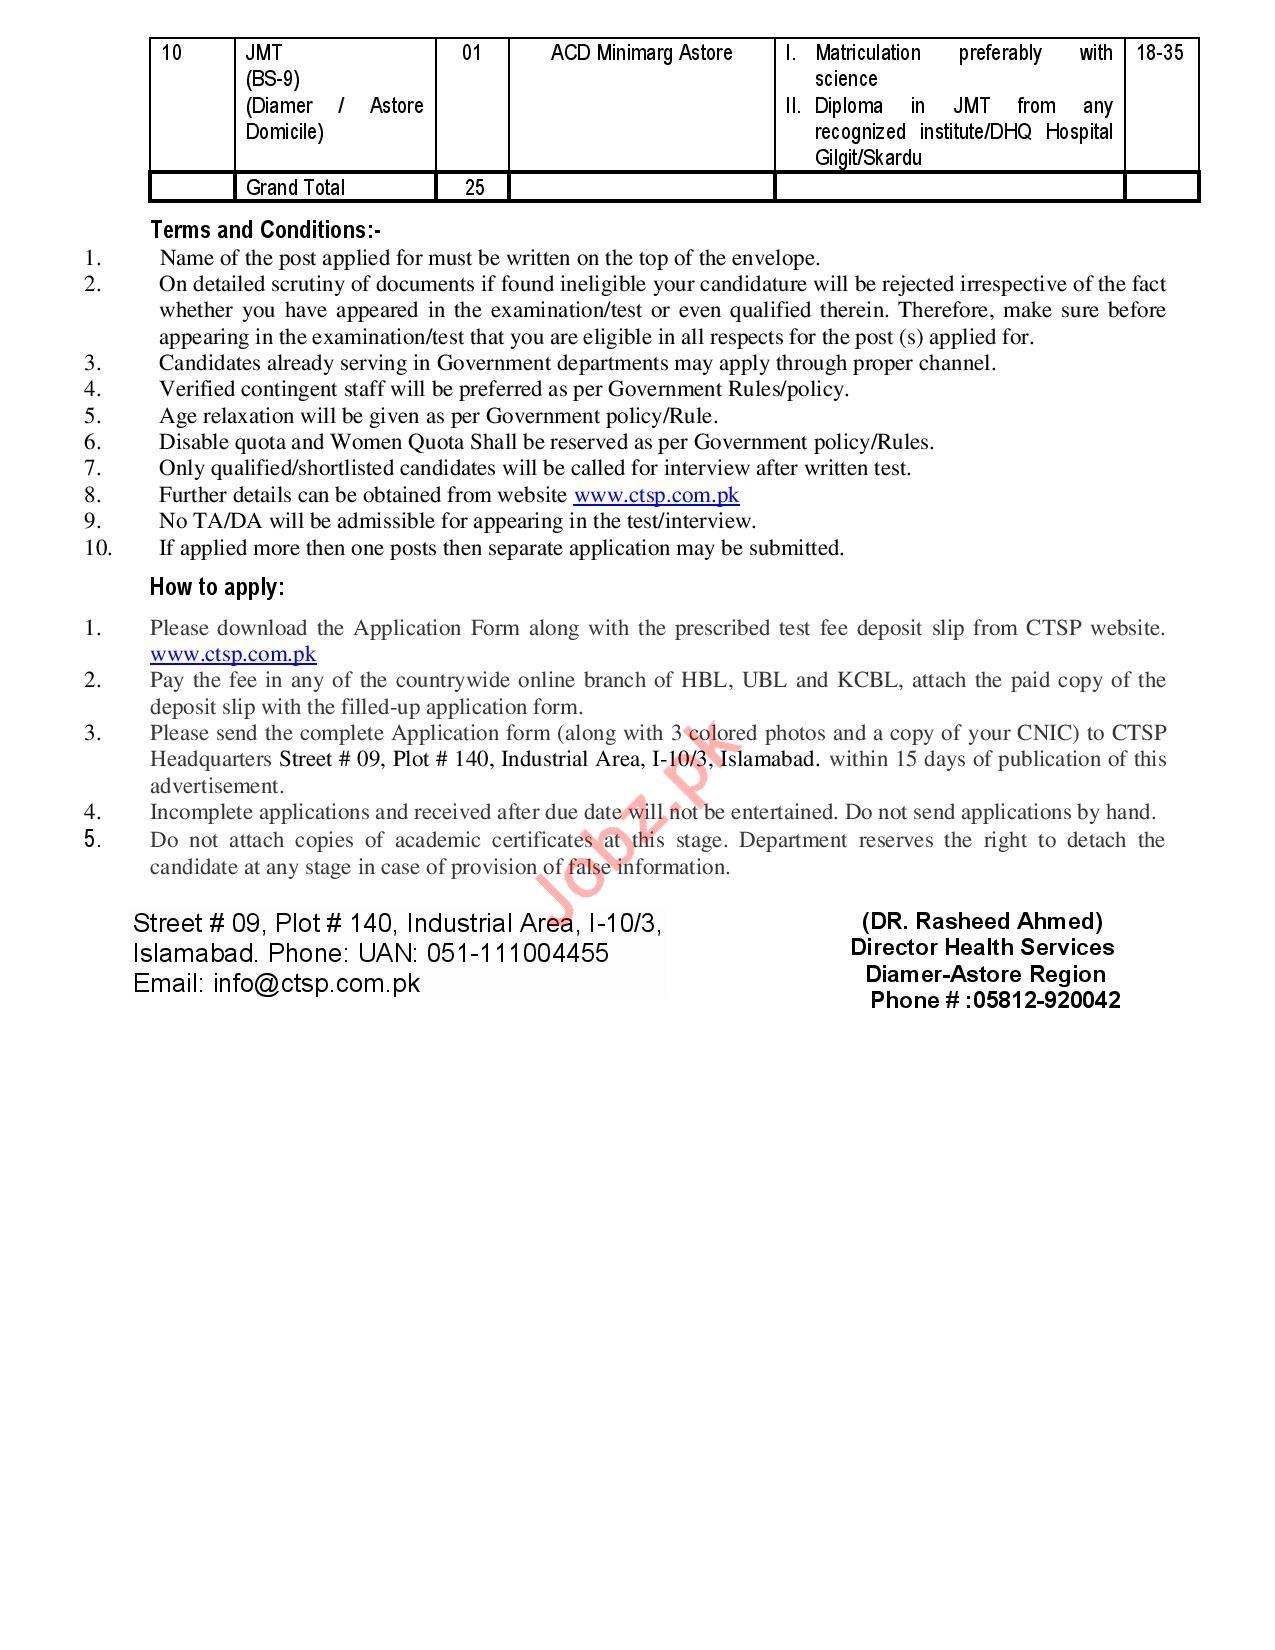 Directorate of Health Services Jobs 2020 Via CTSP 2020 Job ...